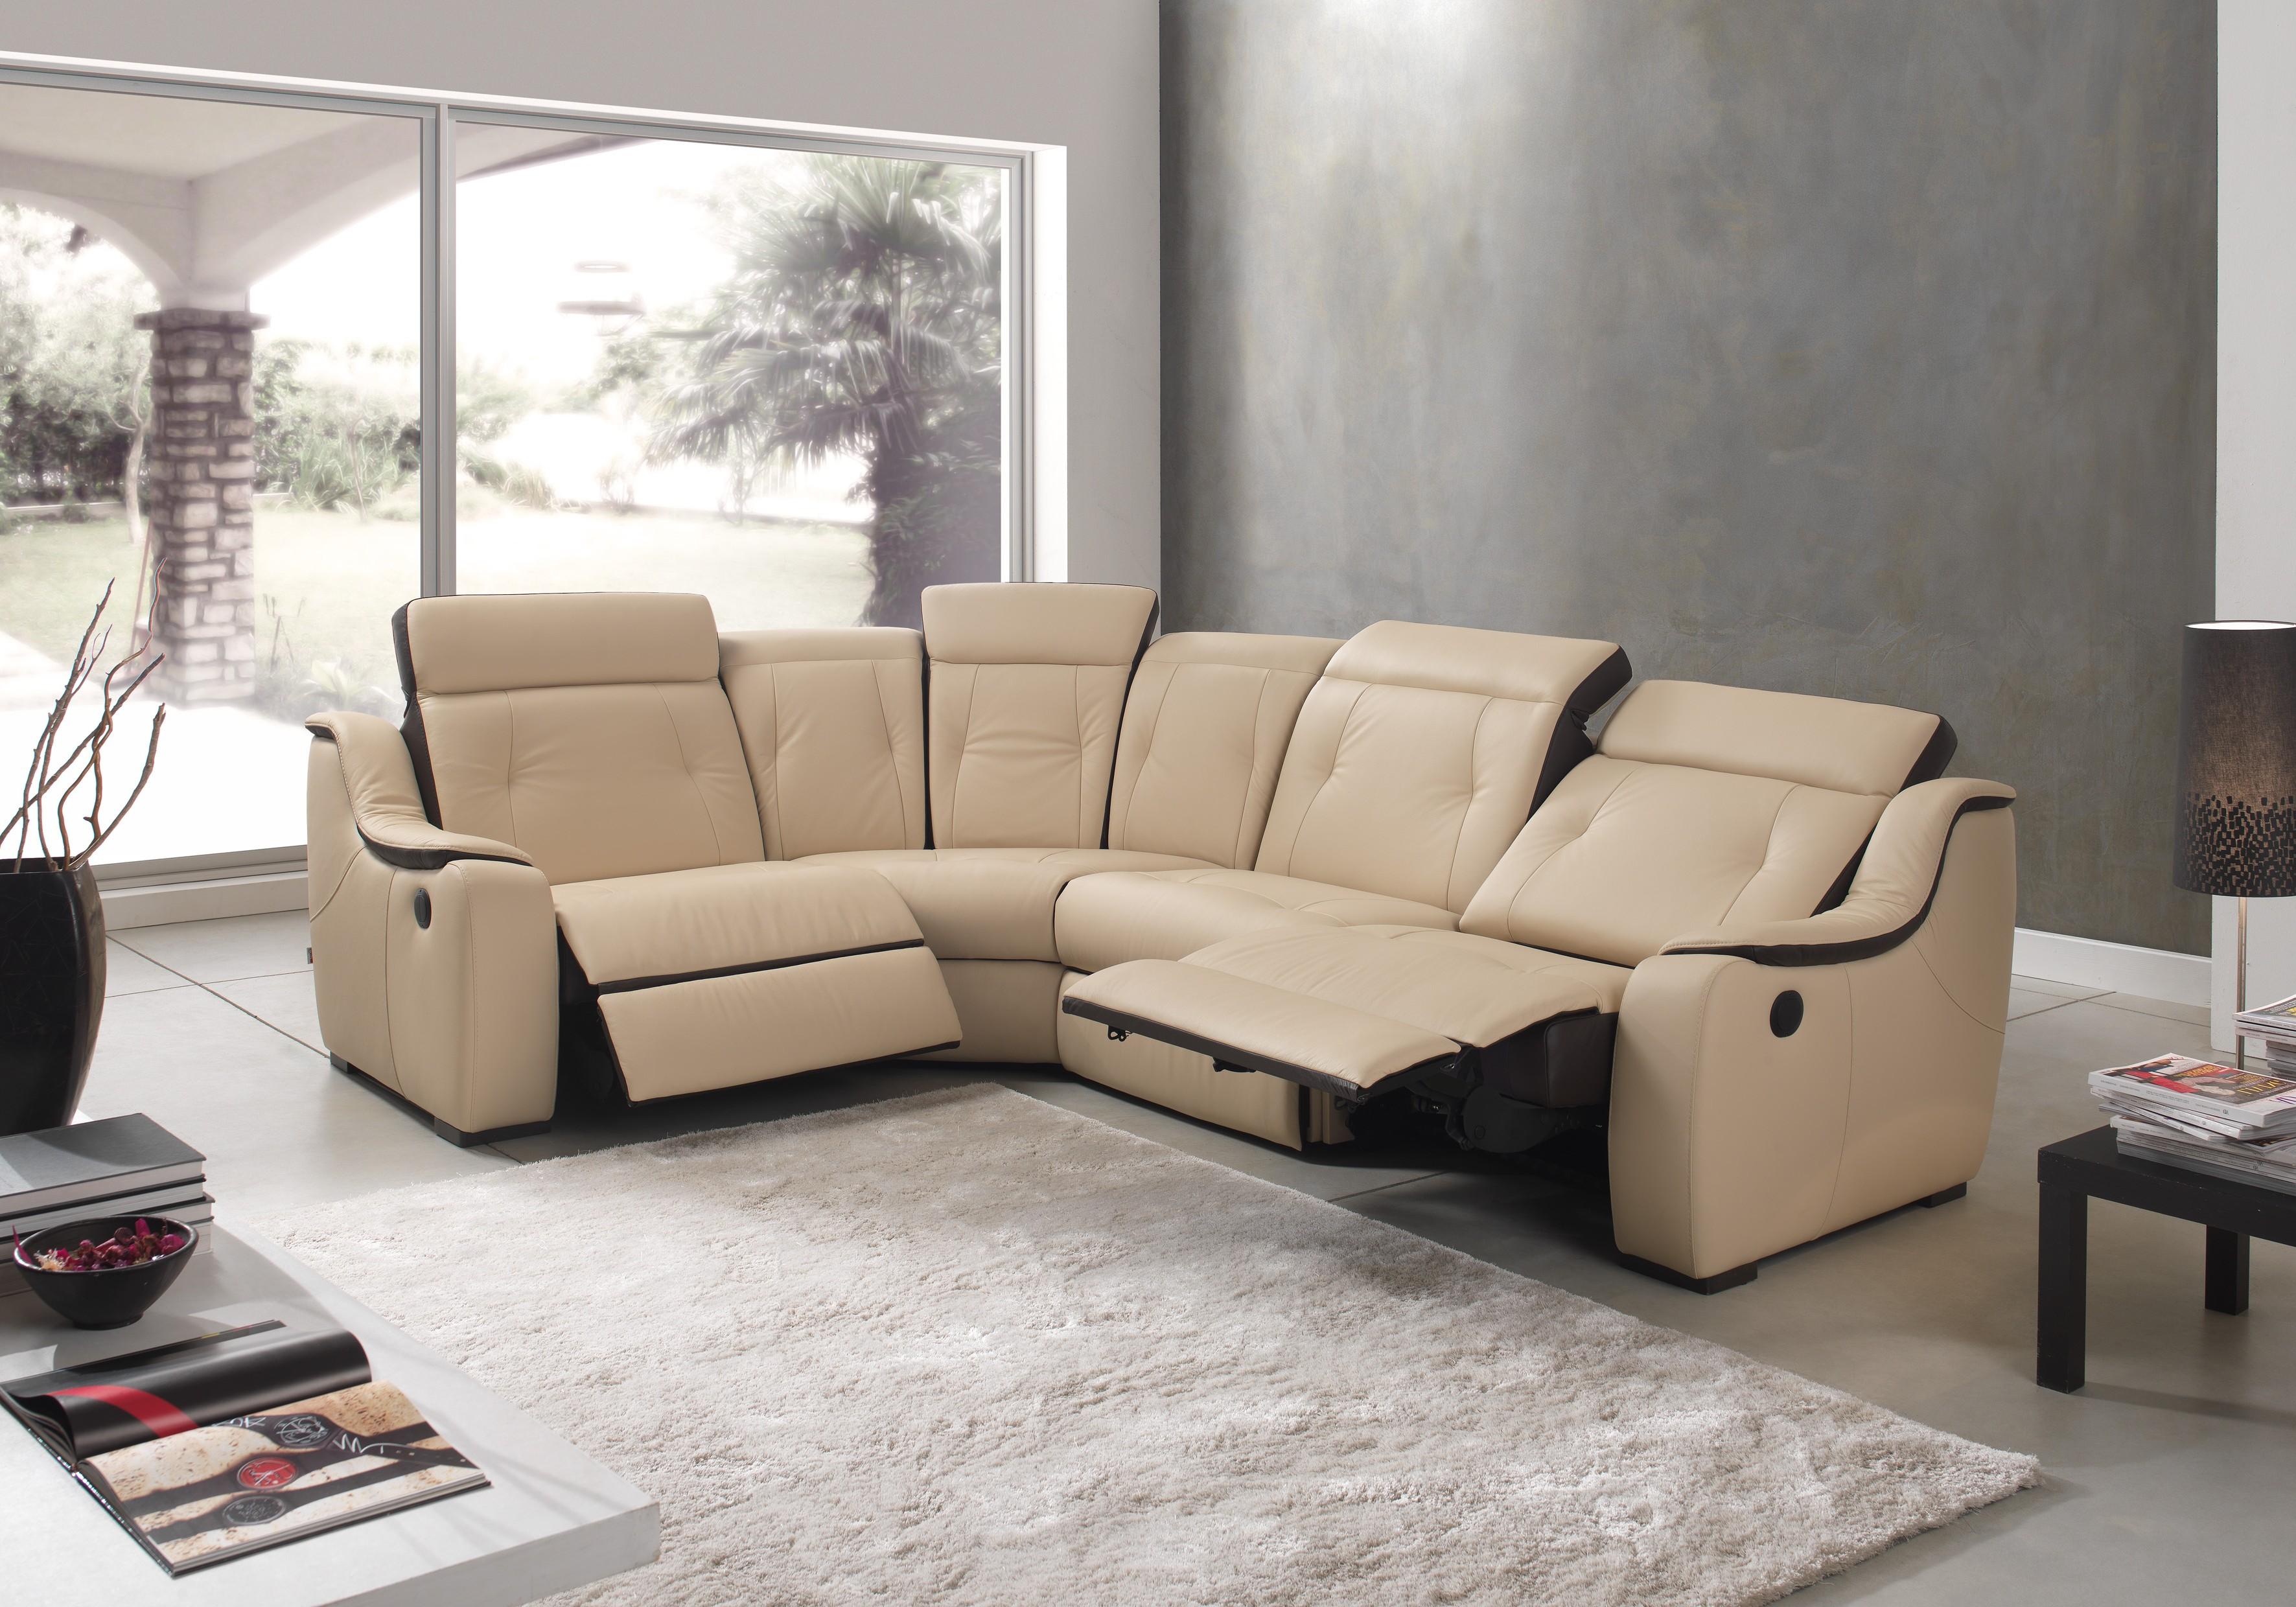 canape dangle 2 relax electrique canap id es de. Black Bedroom Furniture Sets. Home Design Ideas